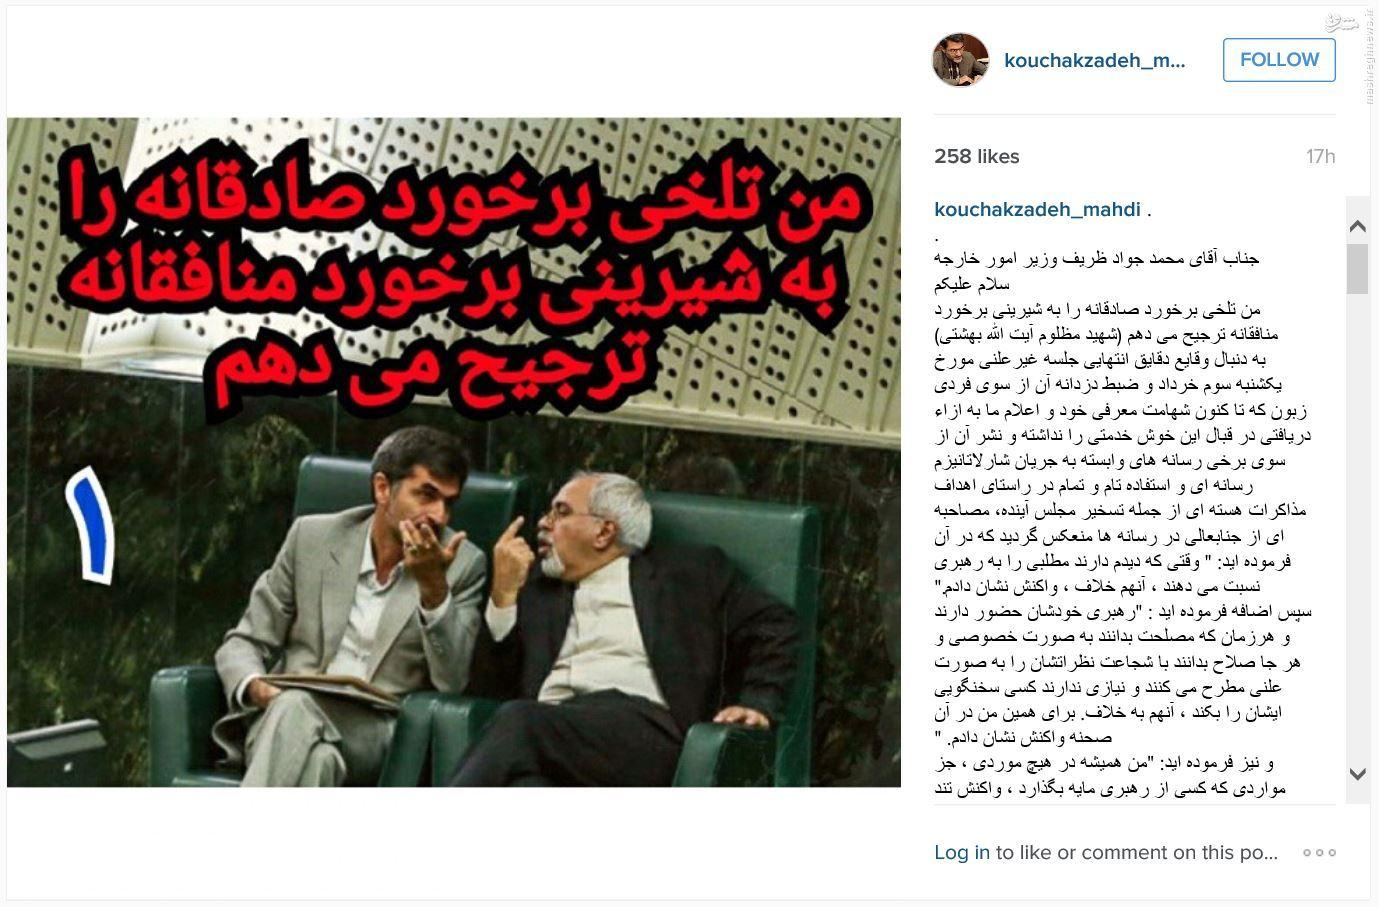 نامه کوچکزاده به ظریف درمورد ویدئو معروف